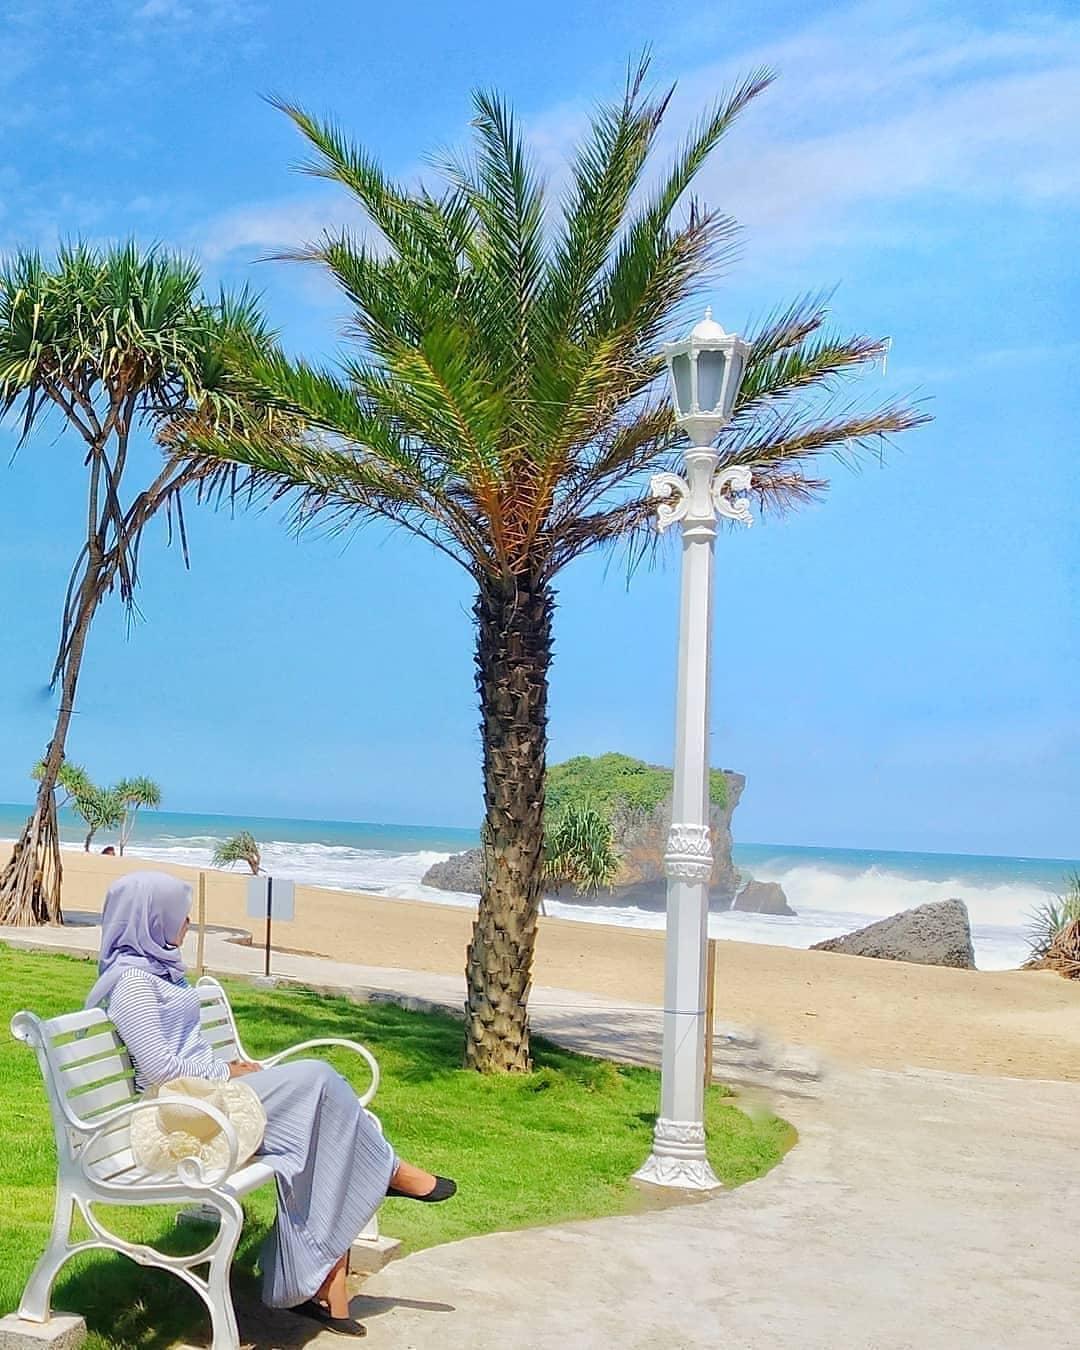 Tempat Wisata Pantai Kekinian Di Jogja